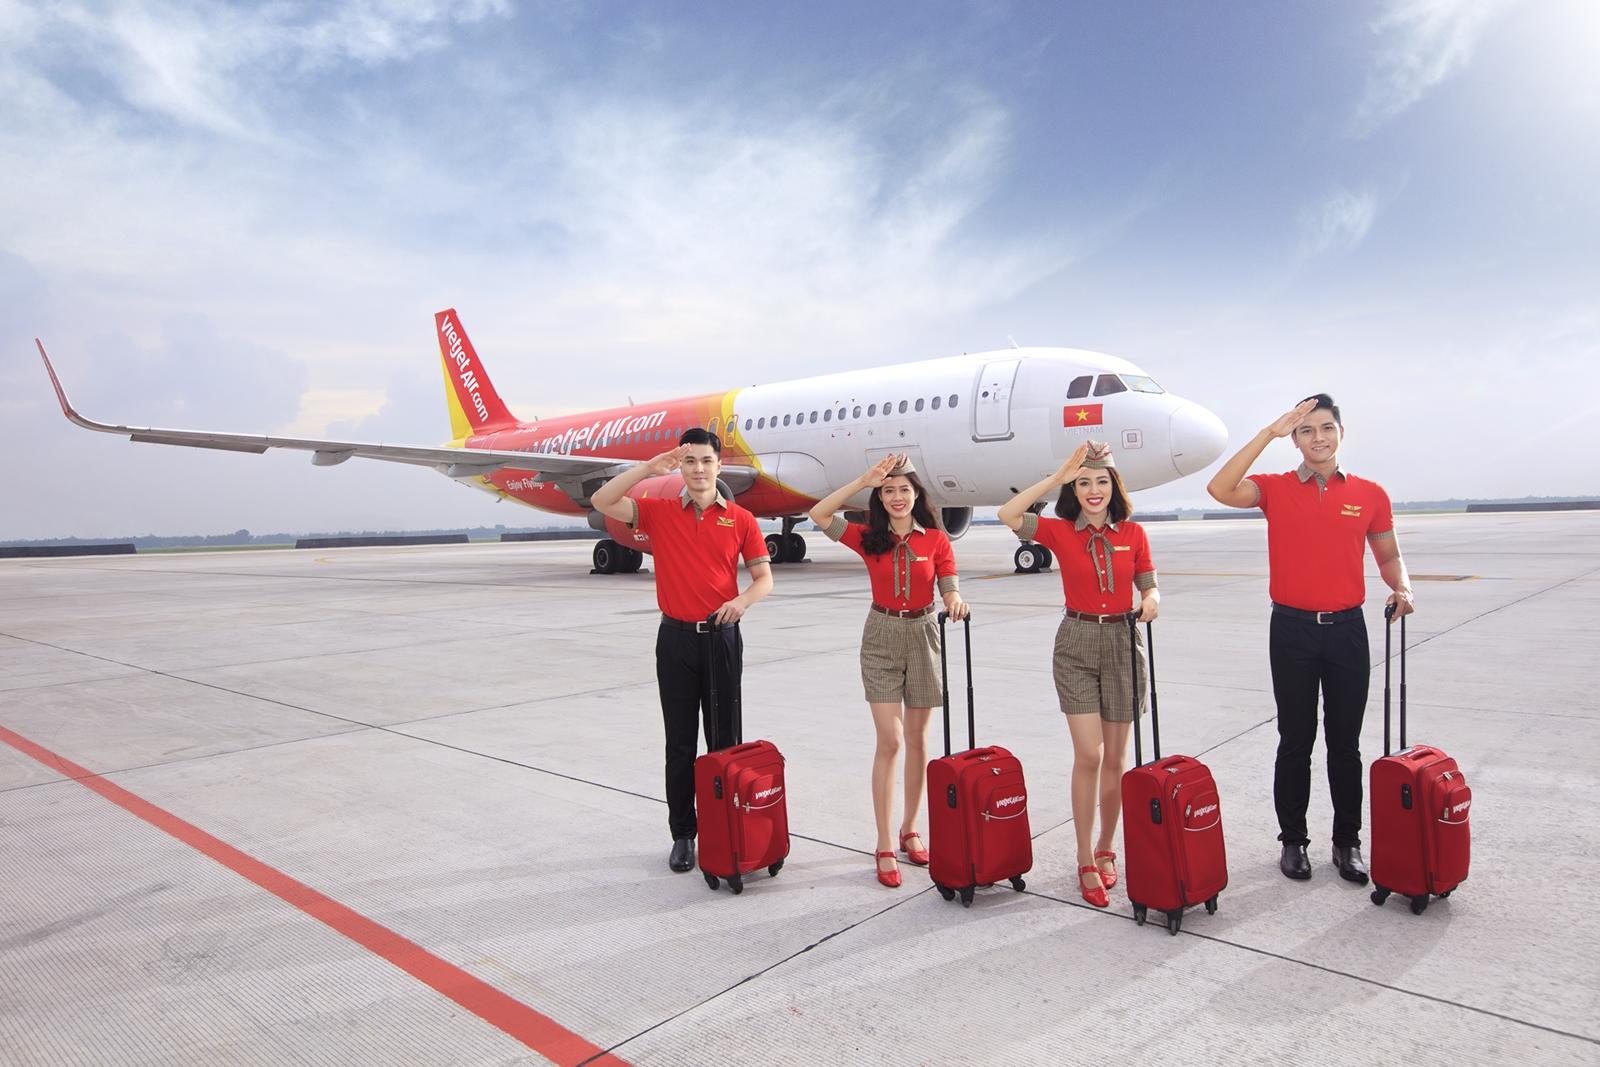 Trở lại bầu trời, Vietjet tiếp tục tăng cường kết nối tới Đà Nẵng, bỏ giãn cách trên chuyến bay